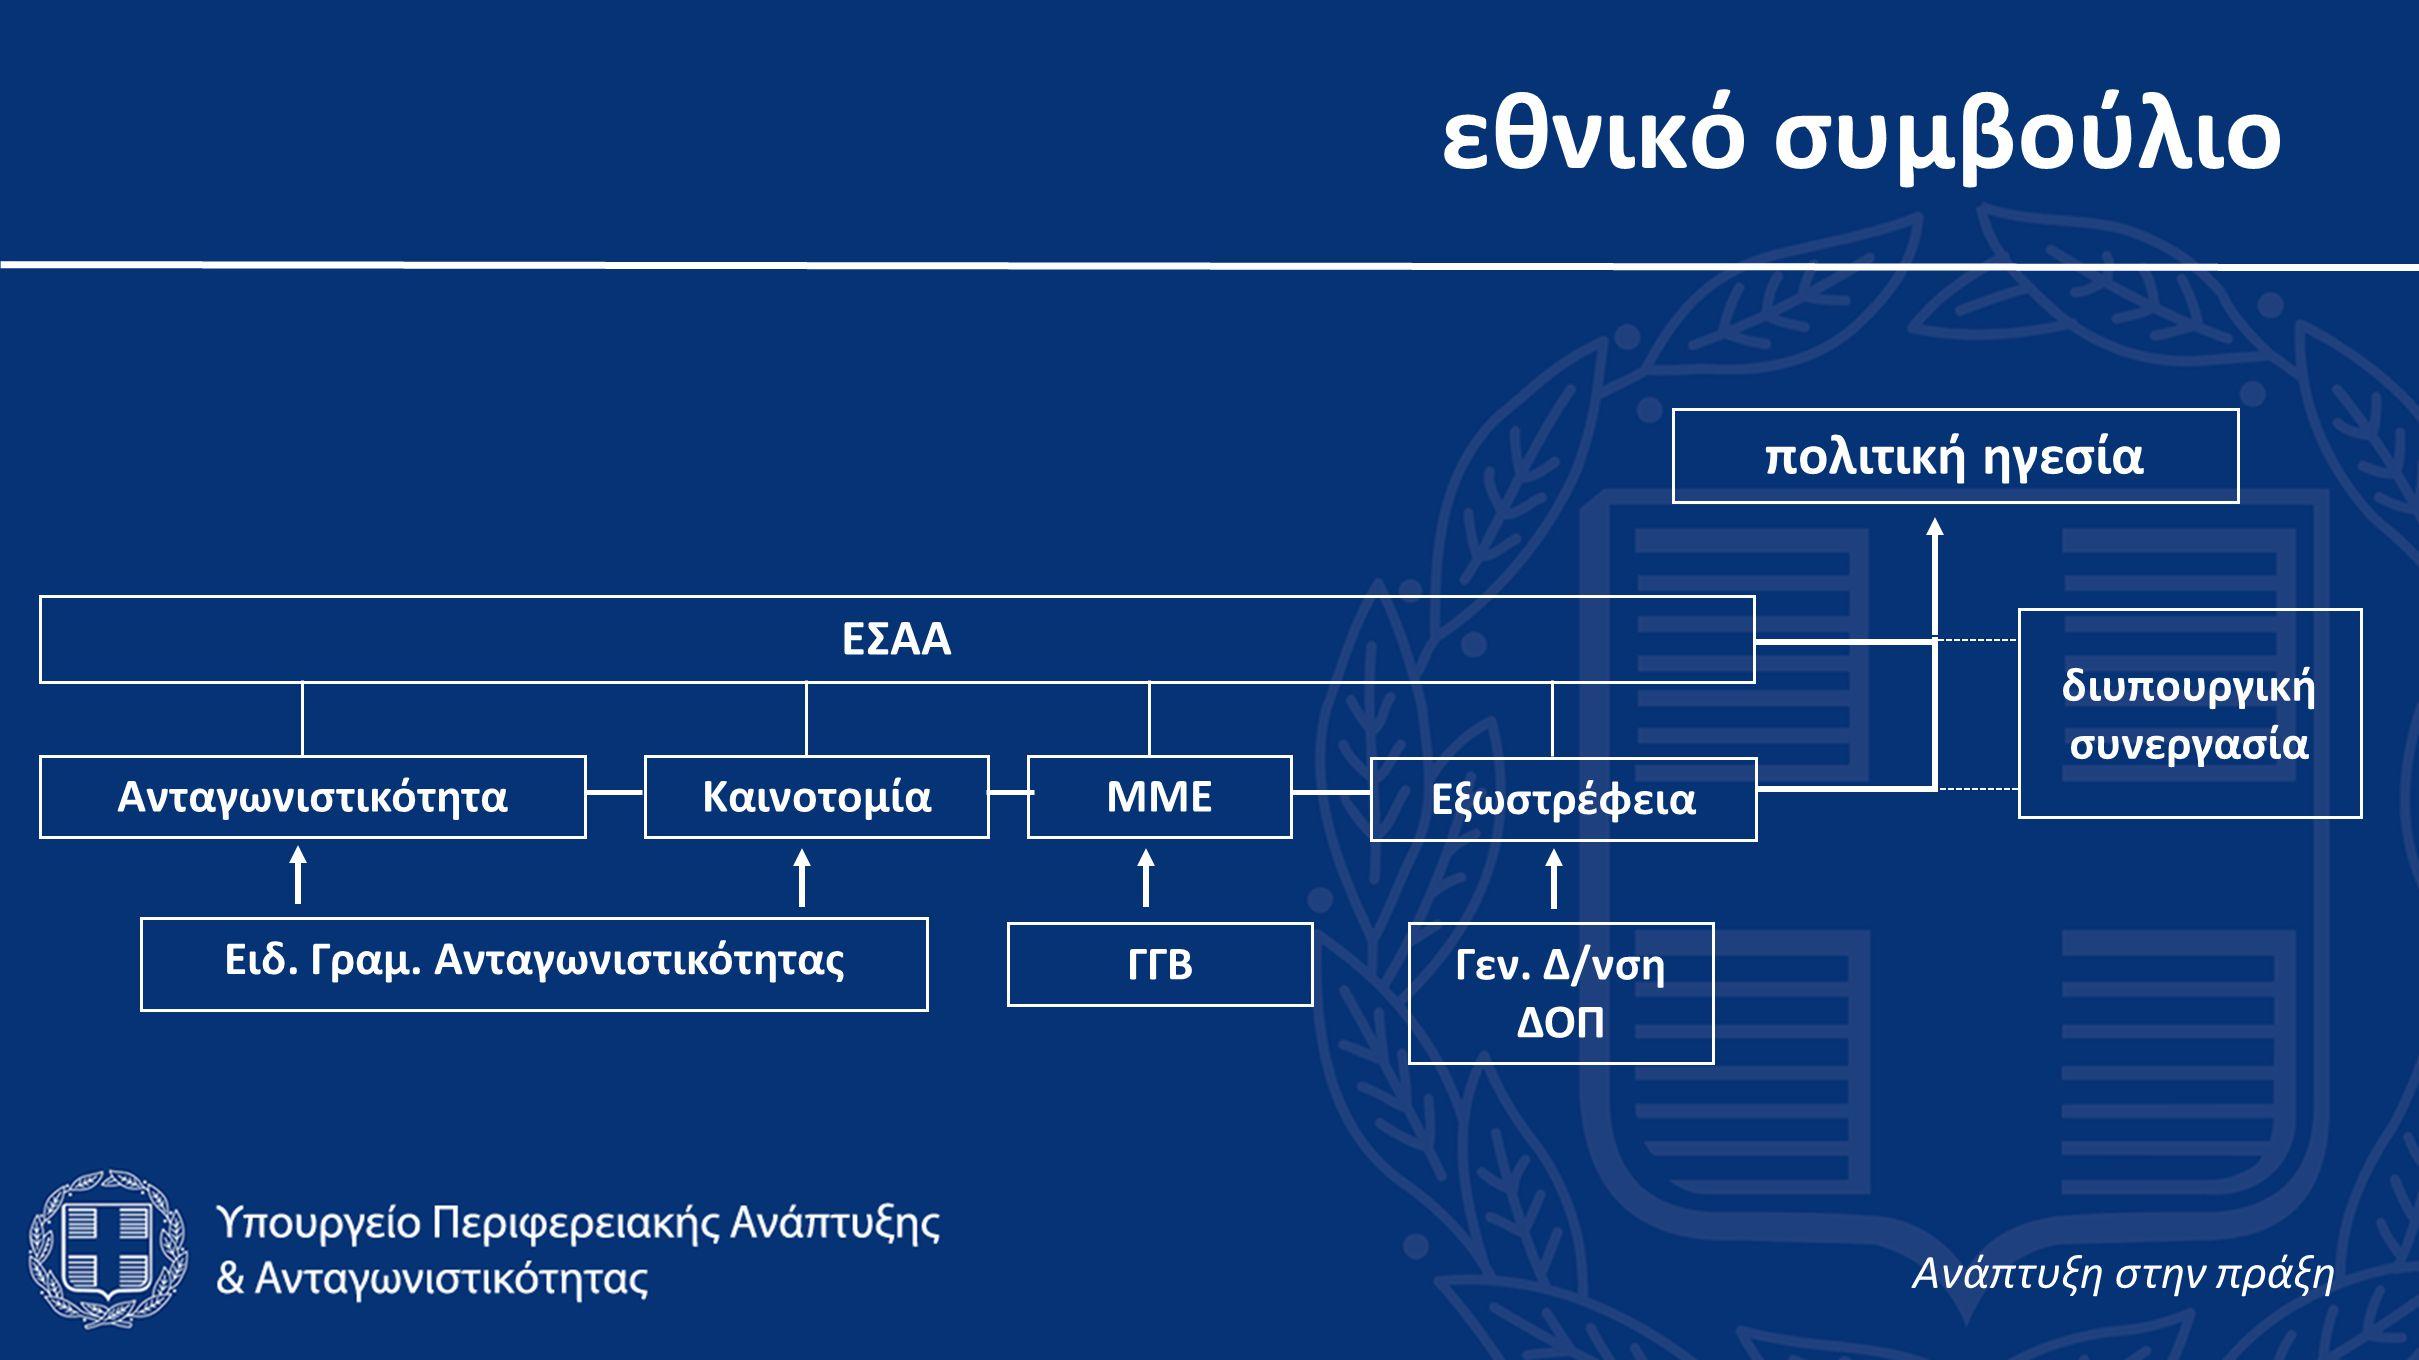 εθνικό συμβούλιο ΕΣΑΑ Καινοτομία Εξωστρέφεια ΜΜΕ Γεν.